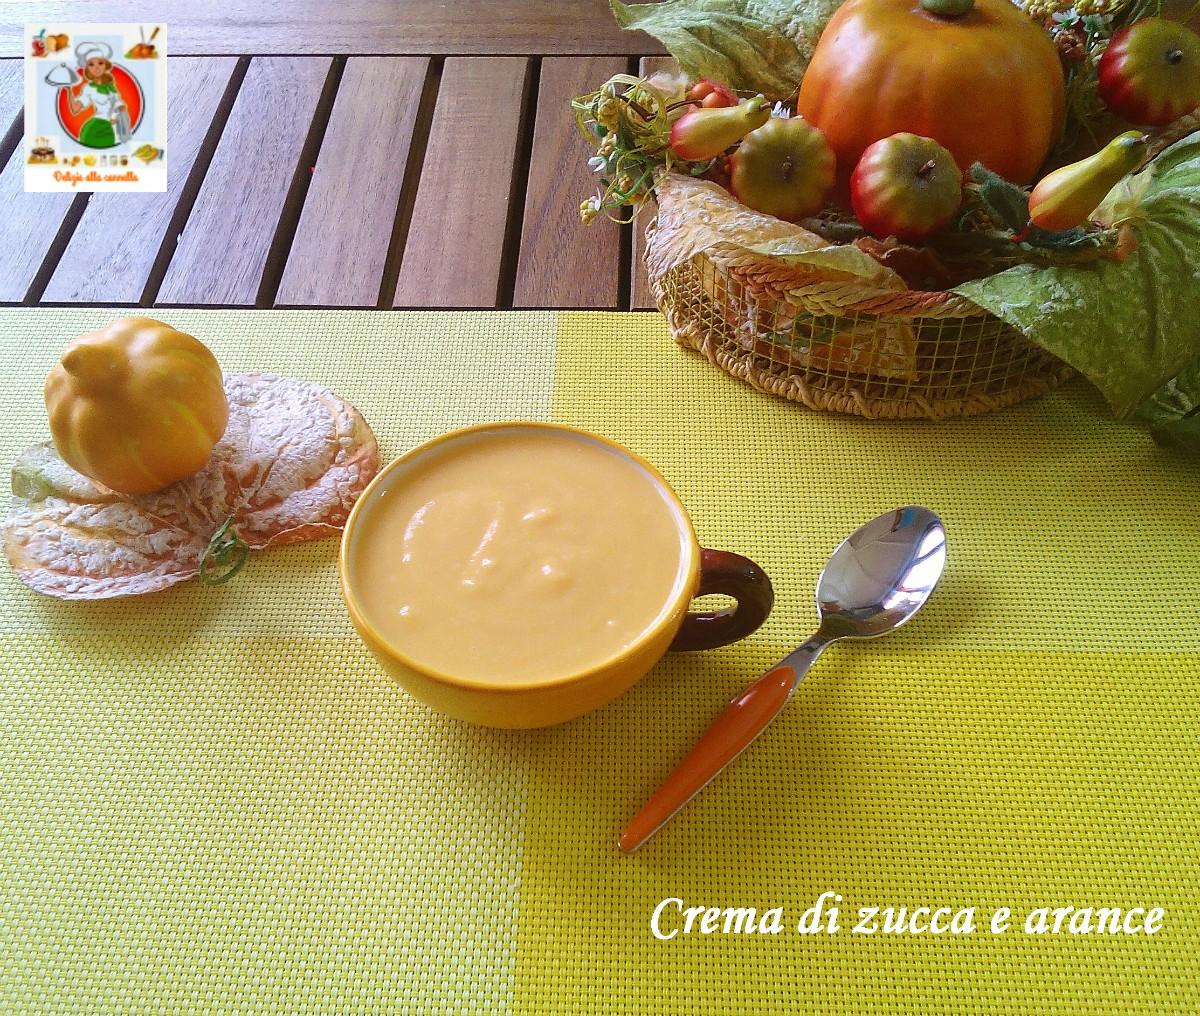 crema di zucca e arance 1